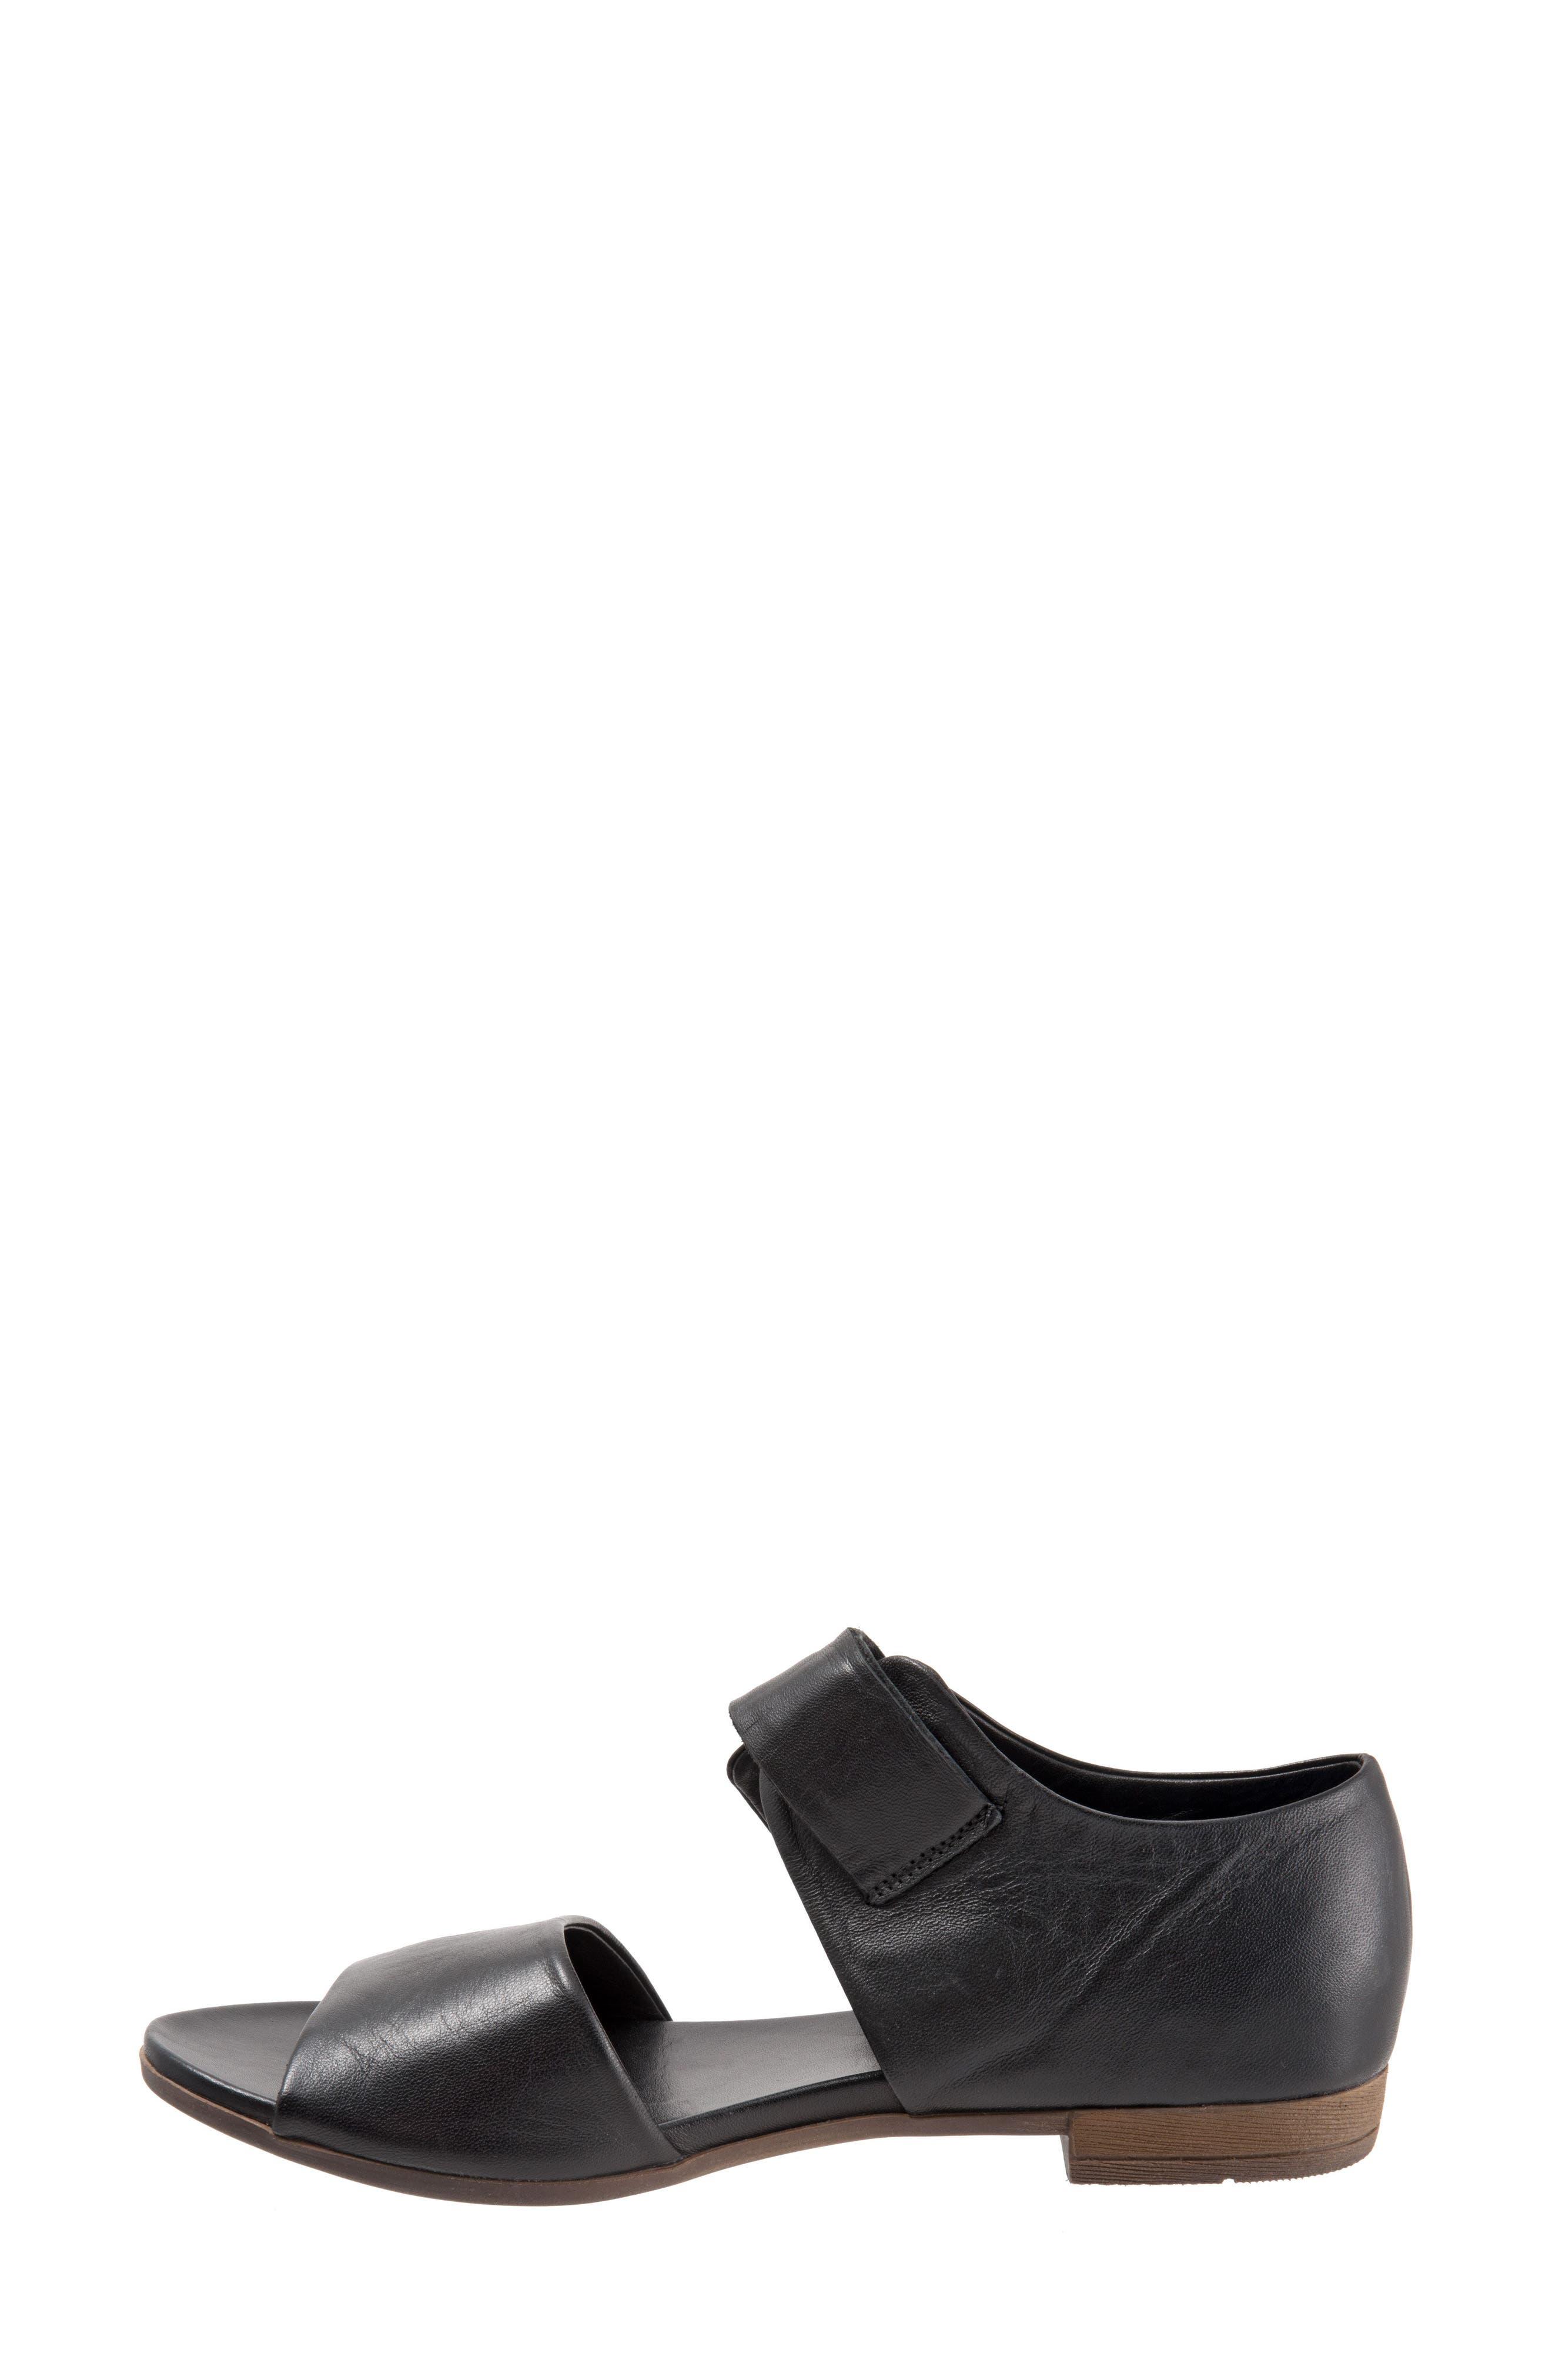 Talia Sandal,                             Alternate thumbnail 4, color,                             Black Leather